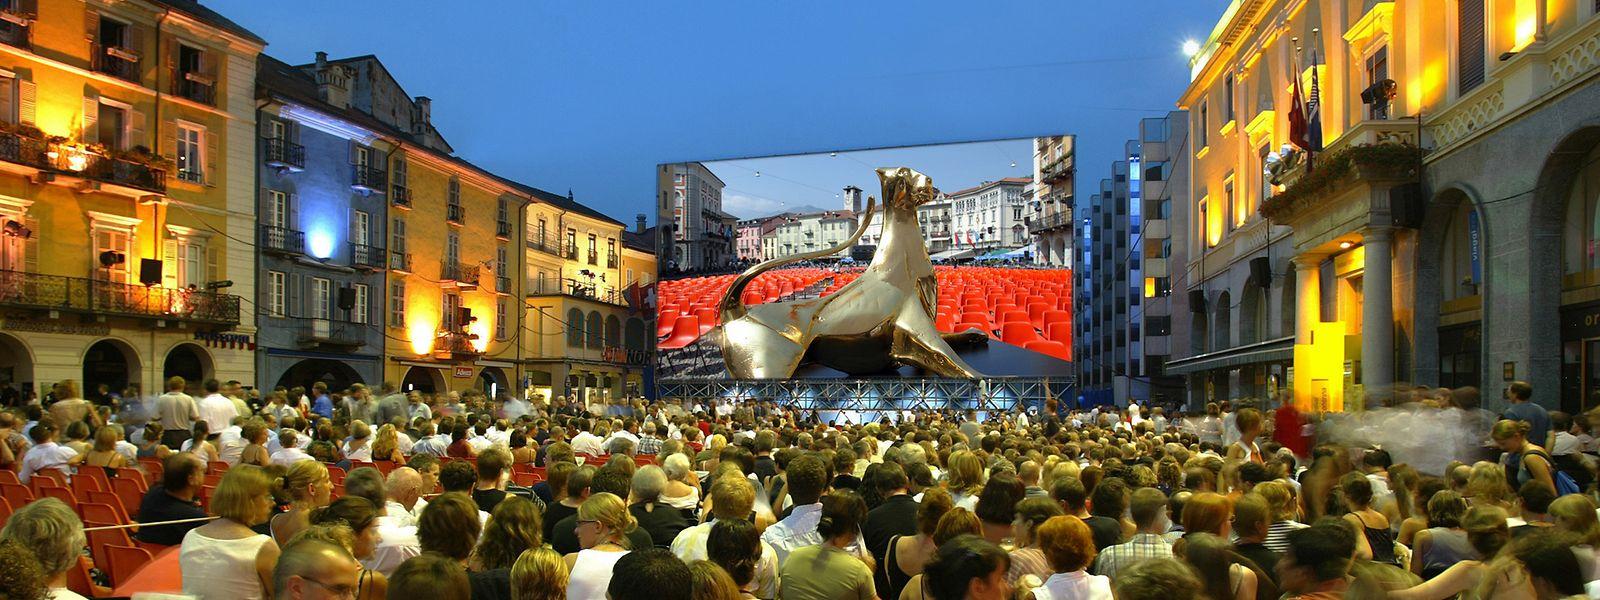 Das Filmfestival von Locarno ist stets ein Highlight für Cineasten.